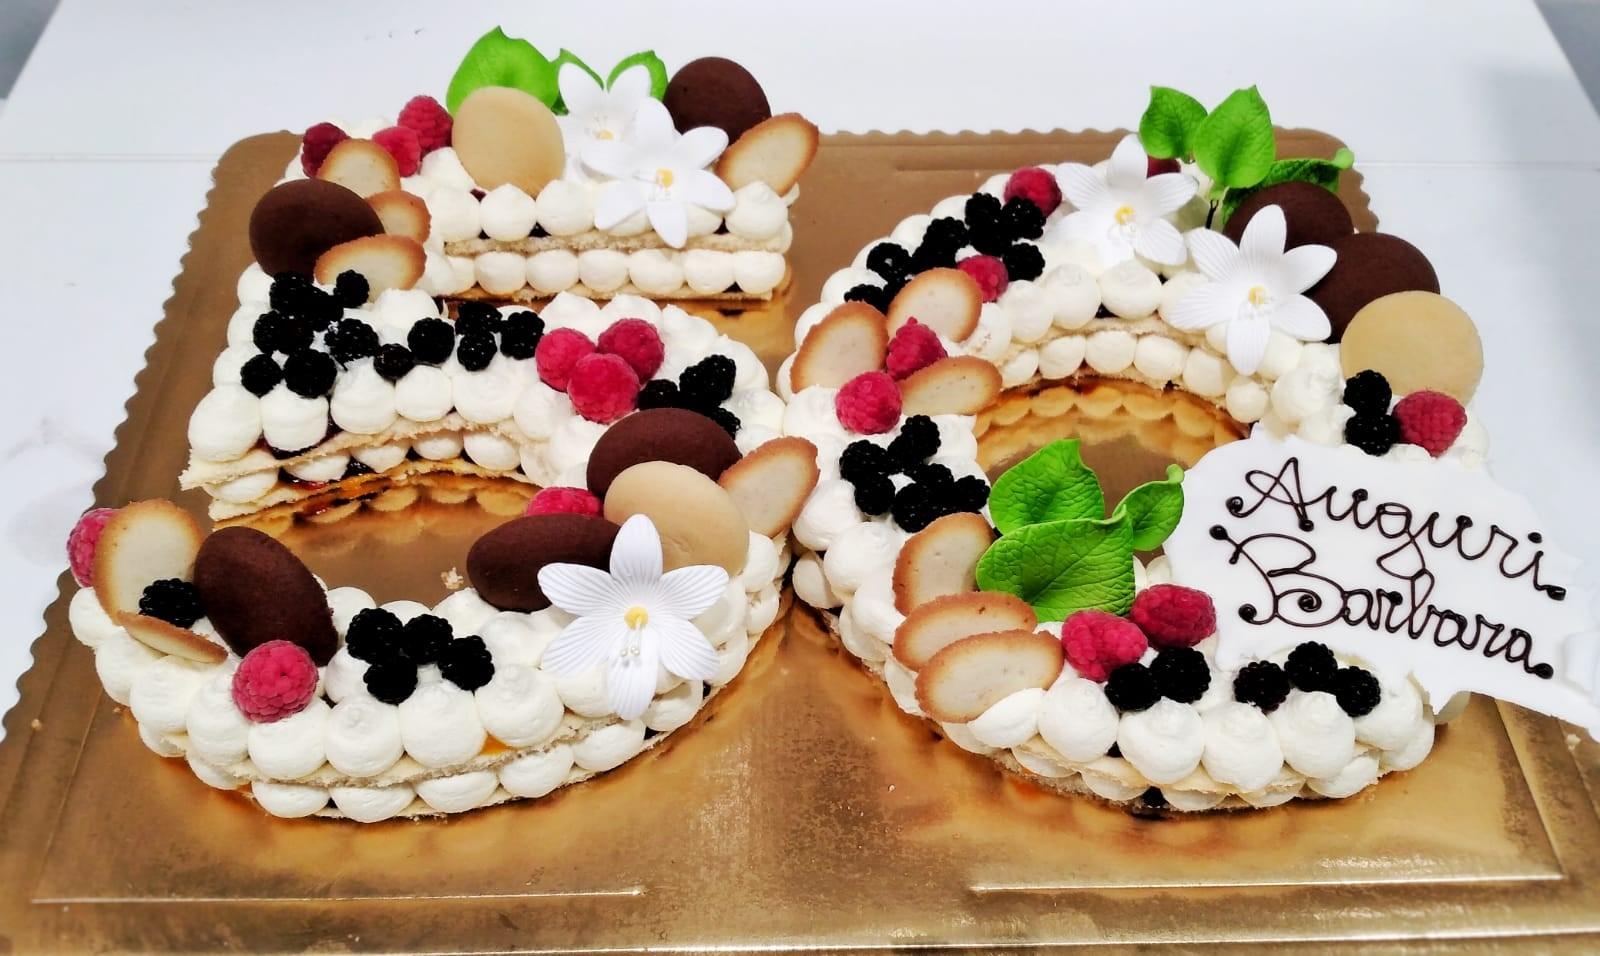 Il gelato di sara-gelateria superolmi-casalguidi-gelato-buono-cream tart-01